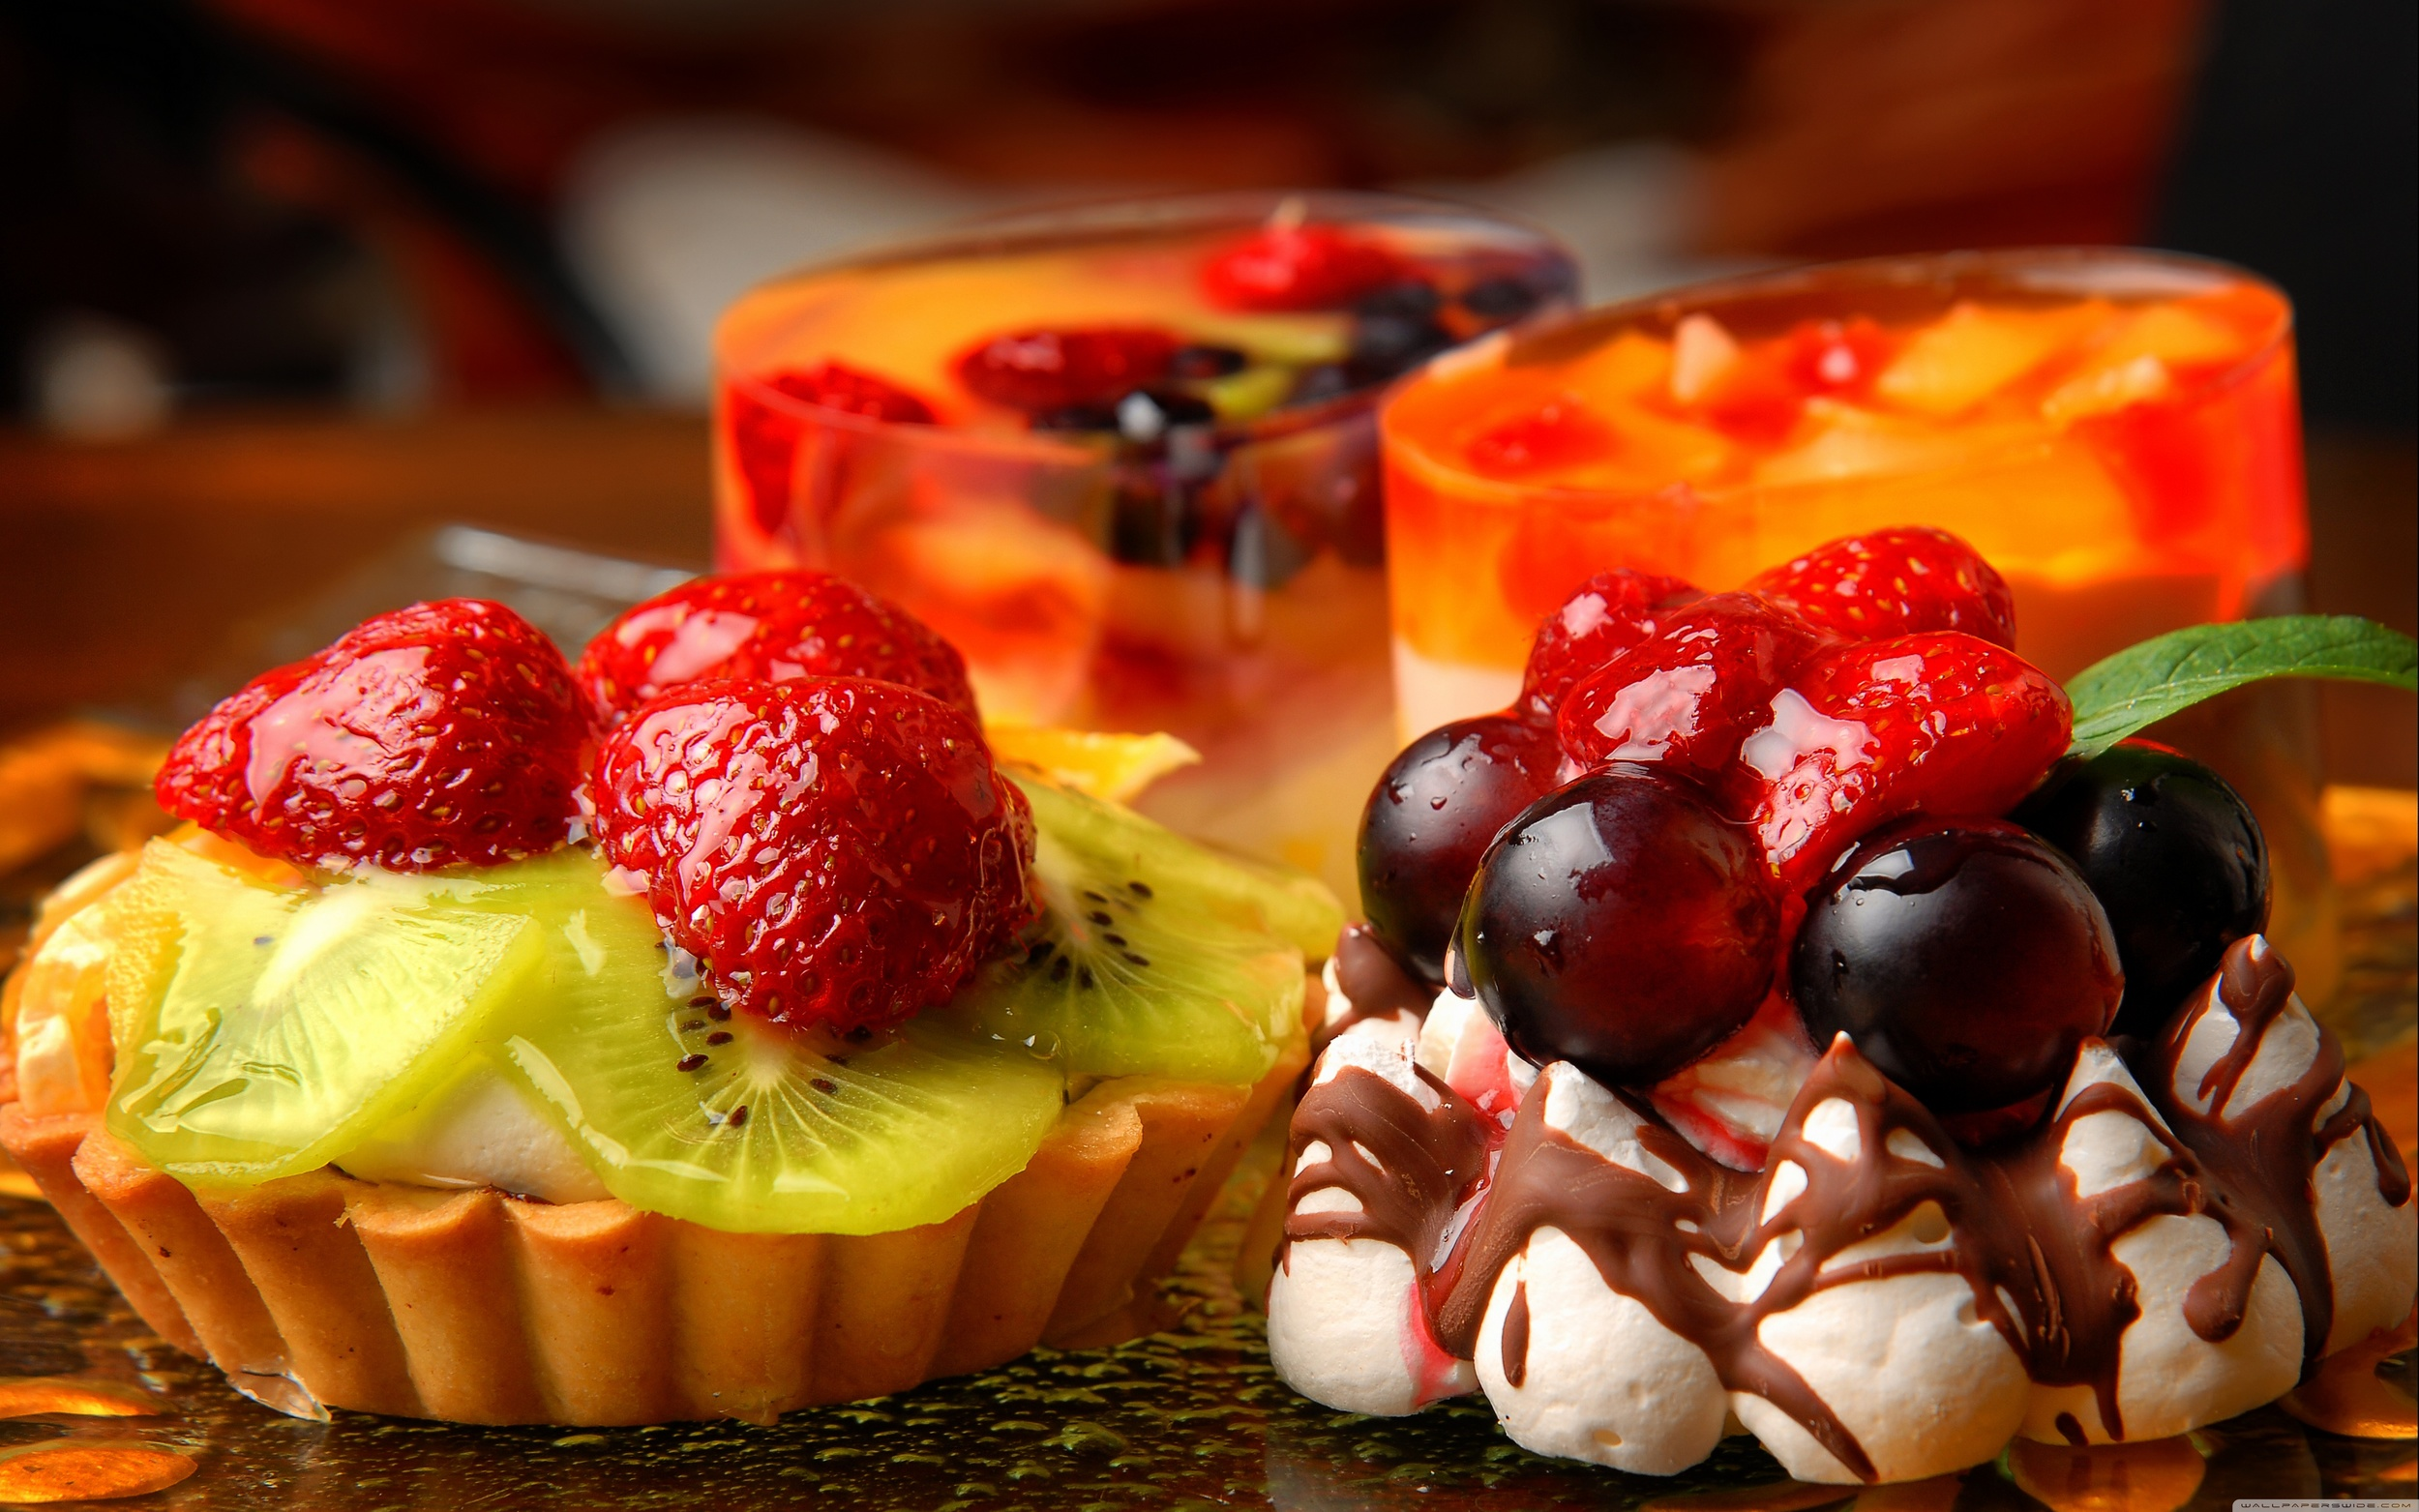 various_desserts-wallpaper-5120x3200.jpg